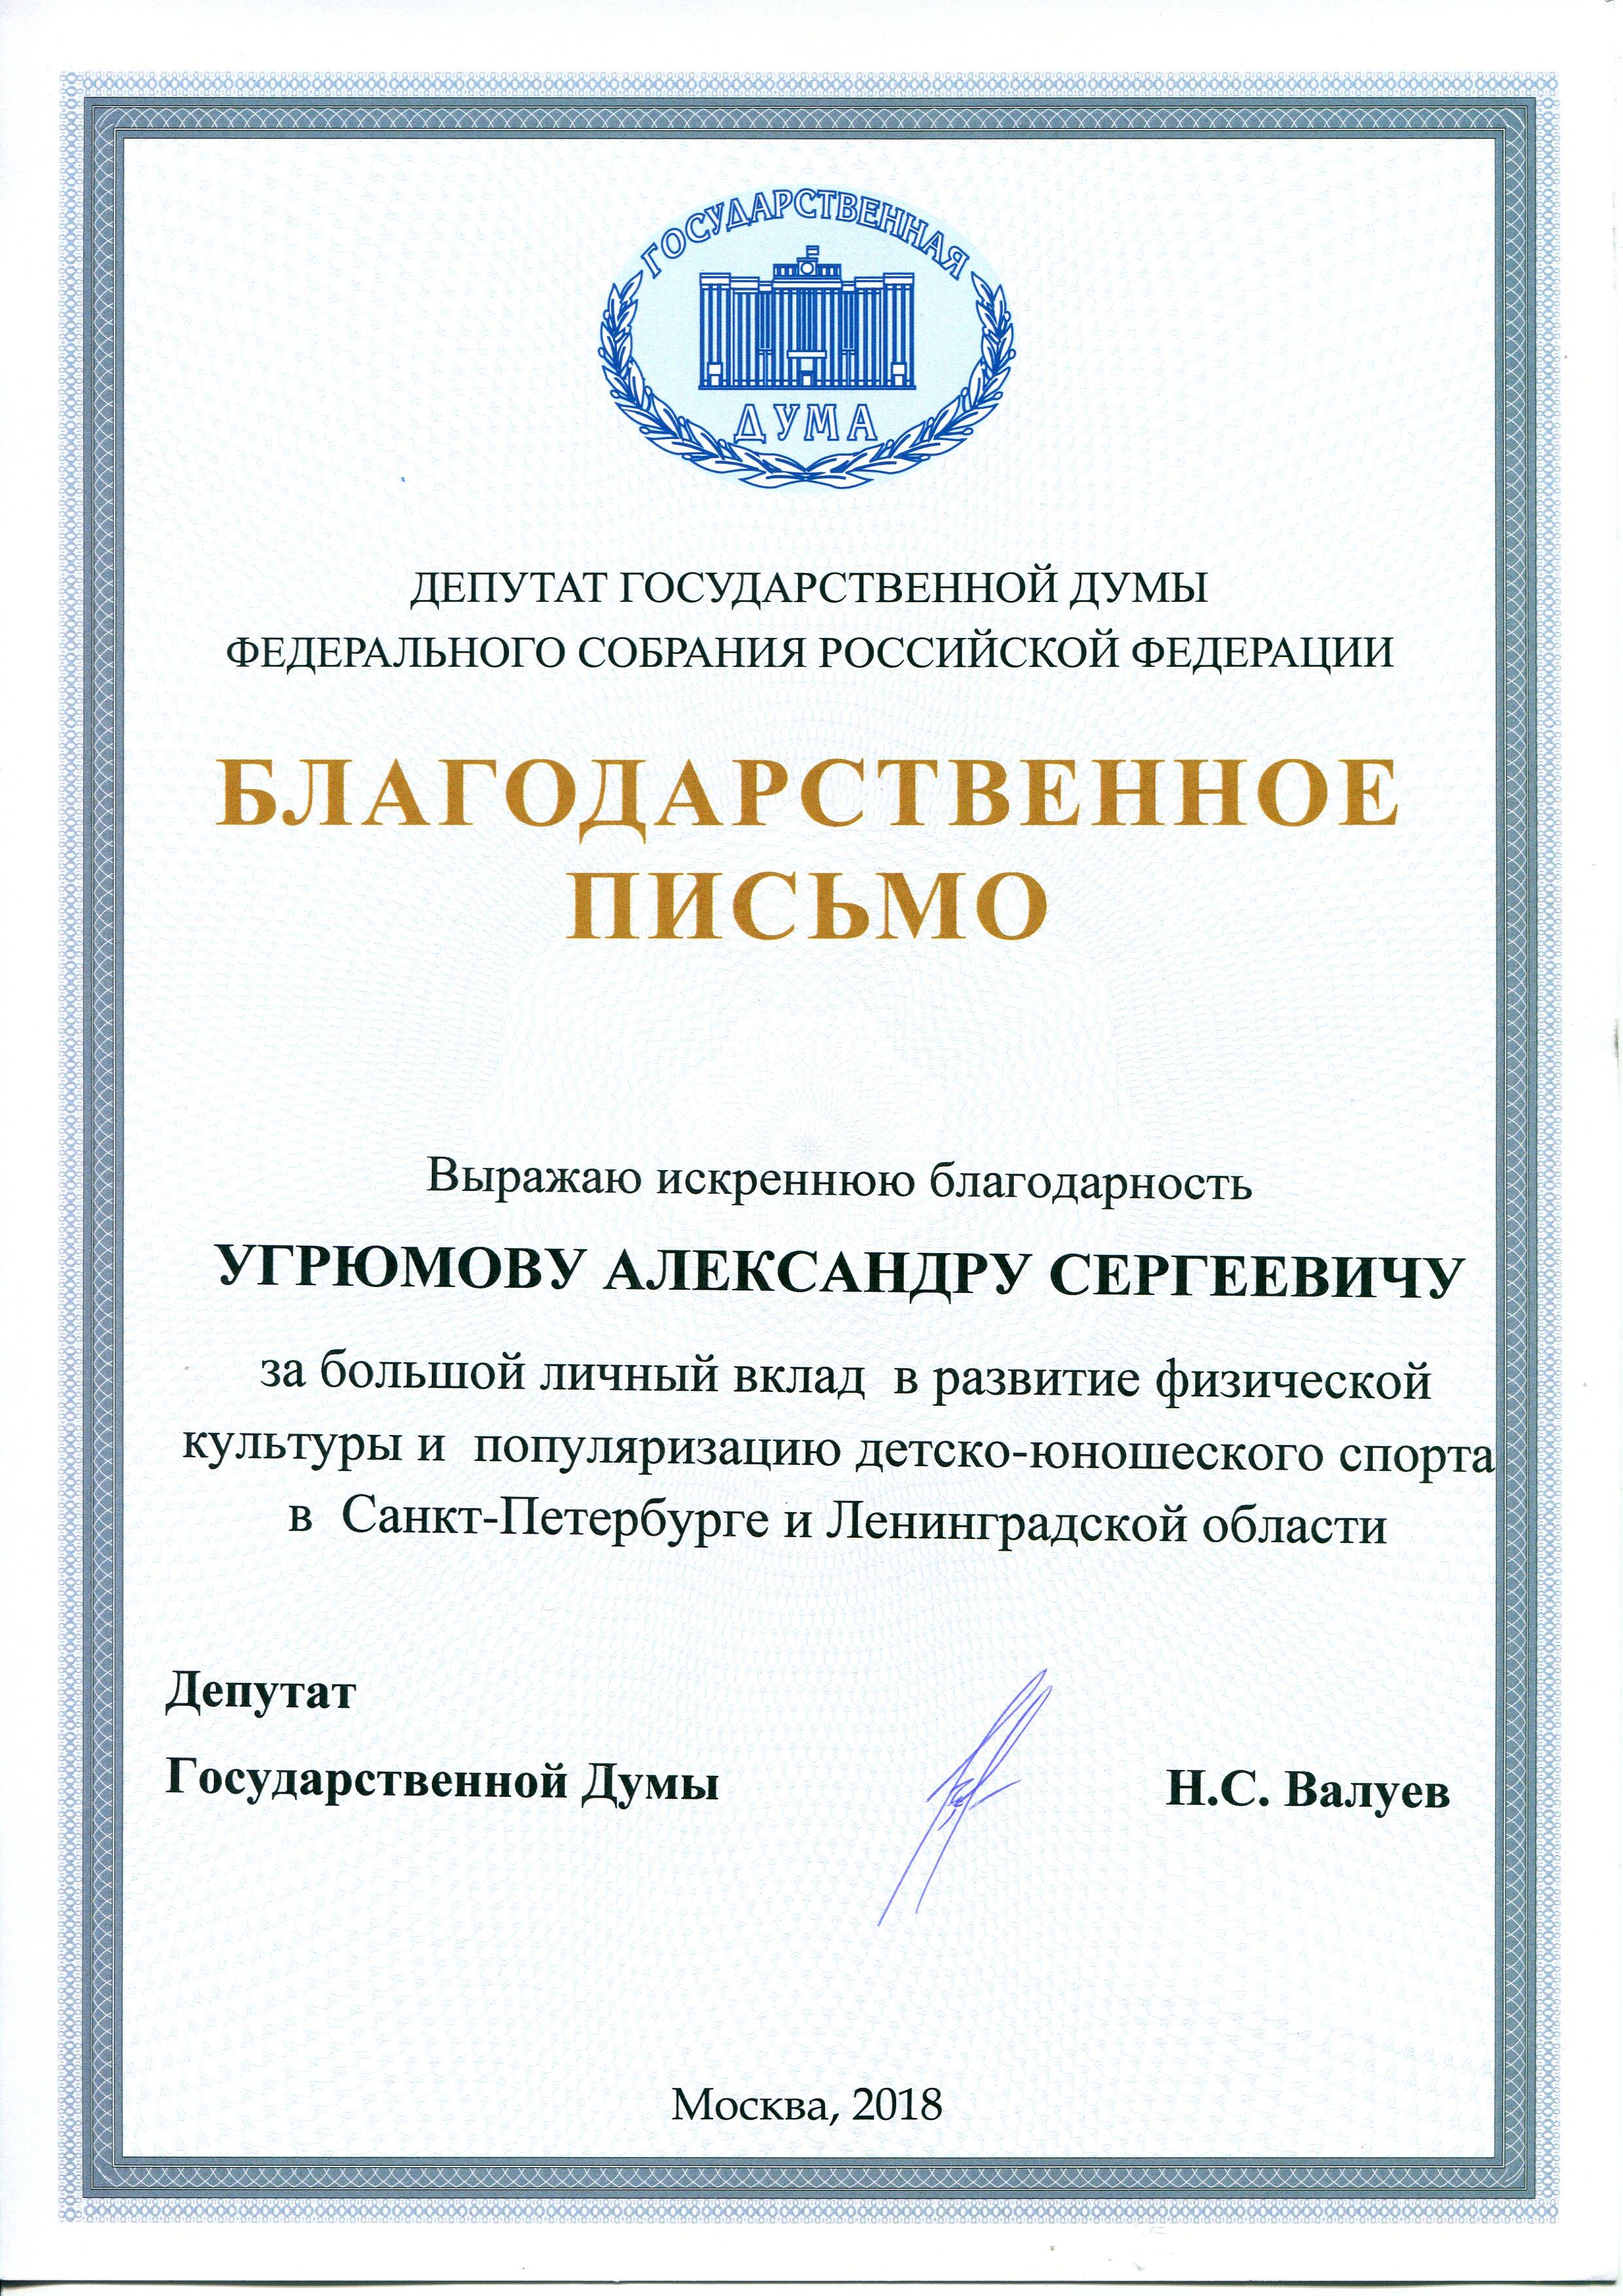 Поздравления с многолетней работой